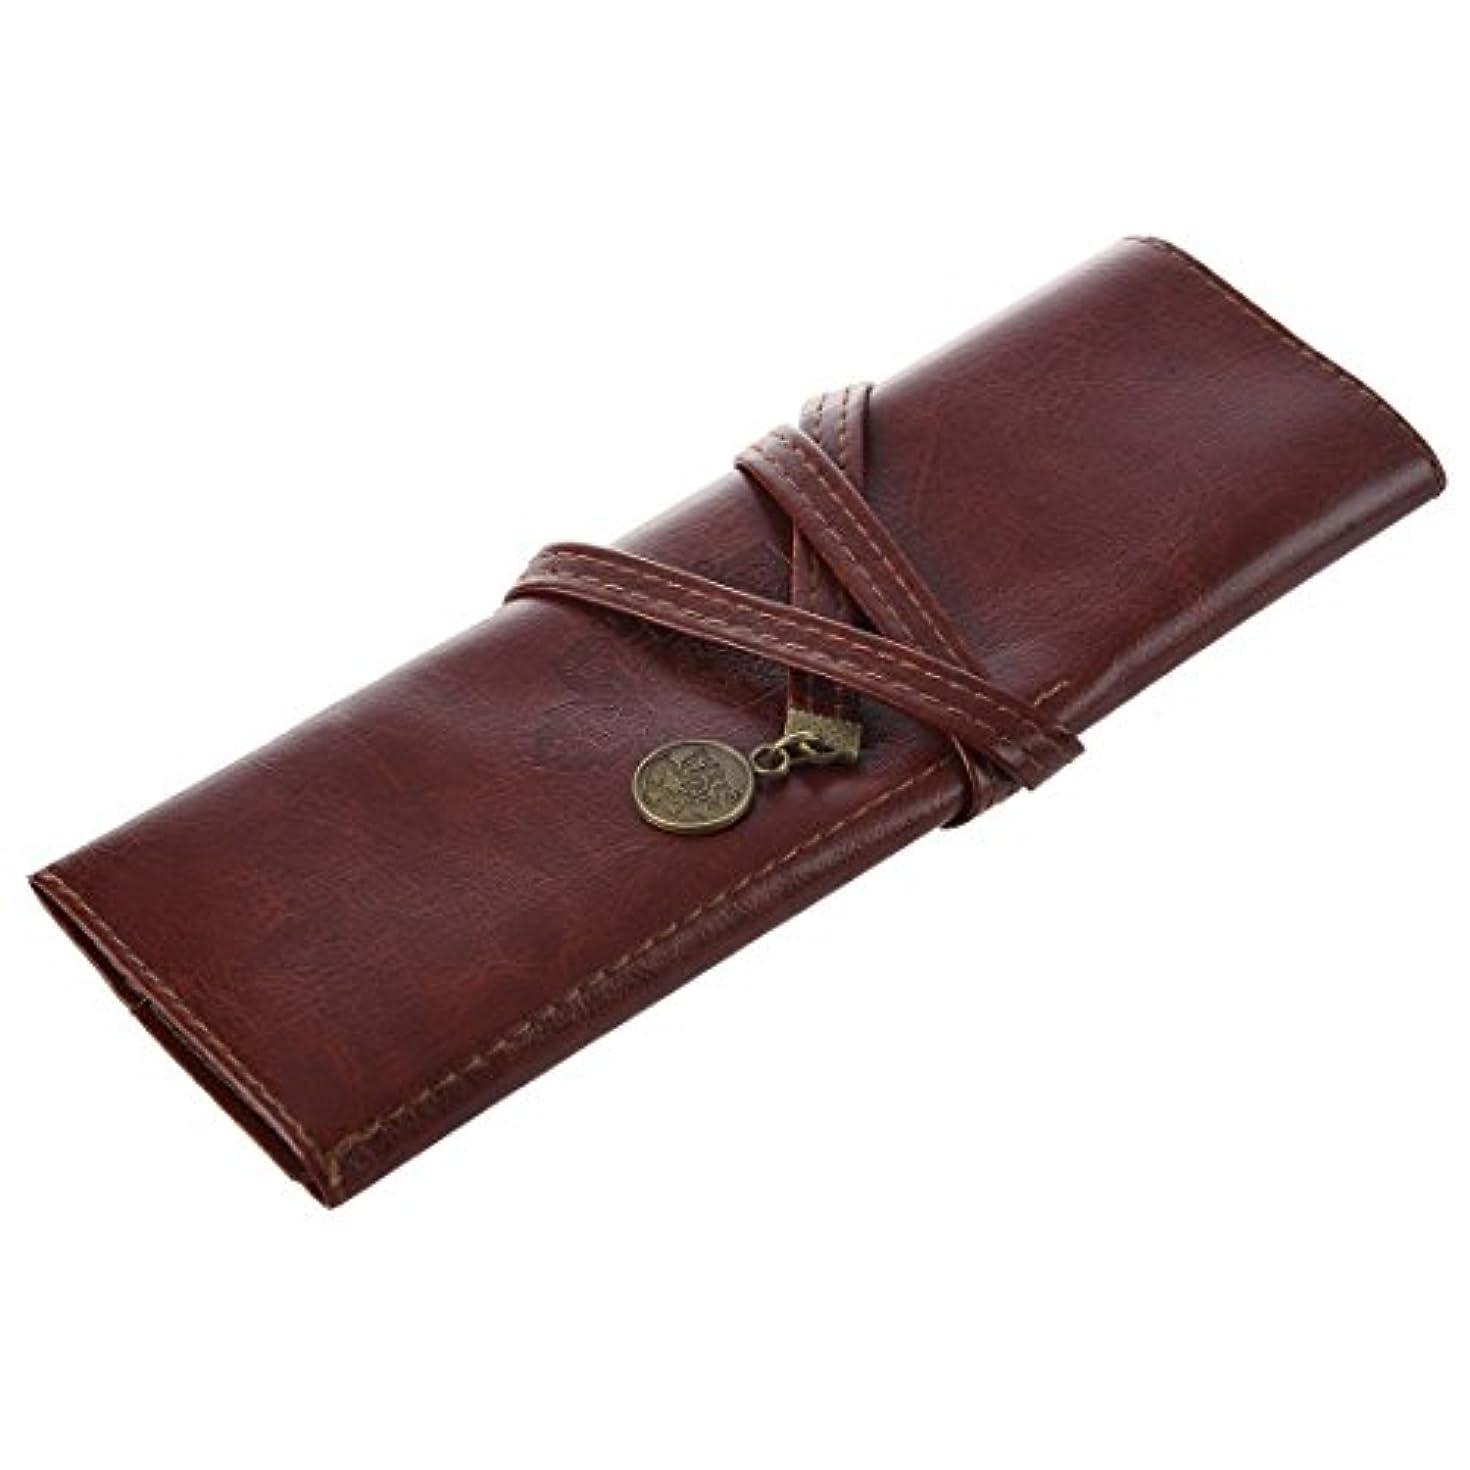 せせらぎラボ支援化粧ブラシバッグ,SODIAL(R) 1個のケースPUレザーペンペンシルケースペンシルバッグ化粧ブラシバッグ